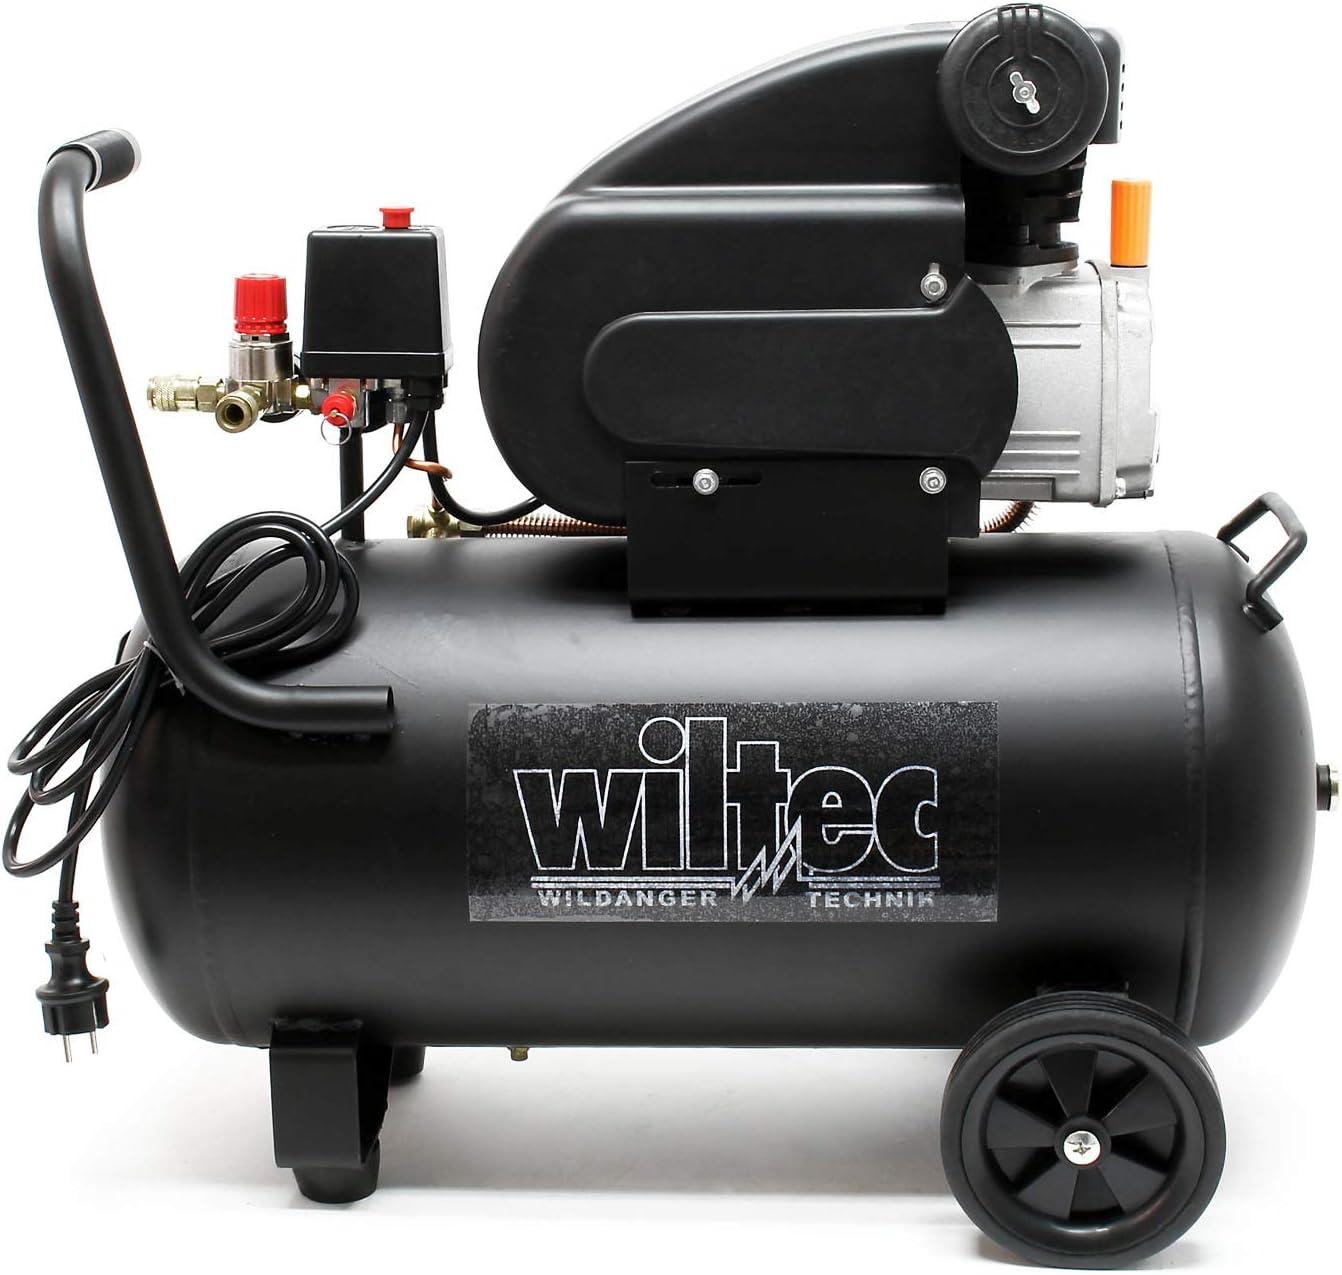 WilTec Compresseur Air comprim/é 50L 1,15W 8 Bars Mobile Roues Silencieux Poign/ée Outil d/'Atelier